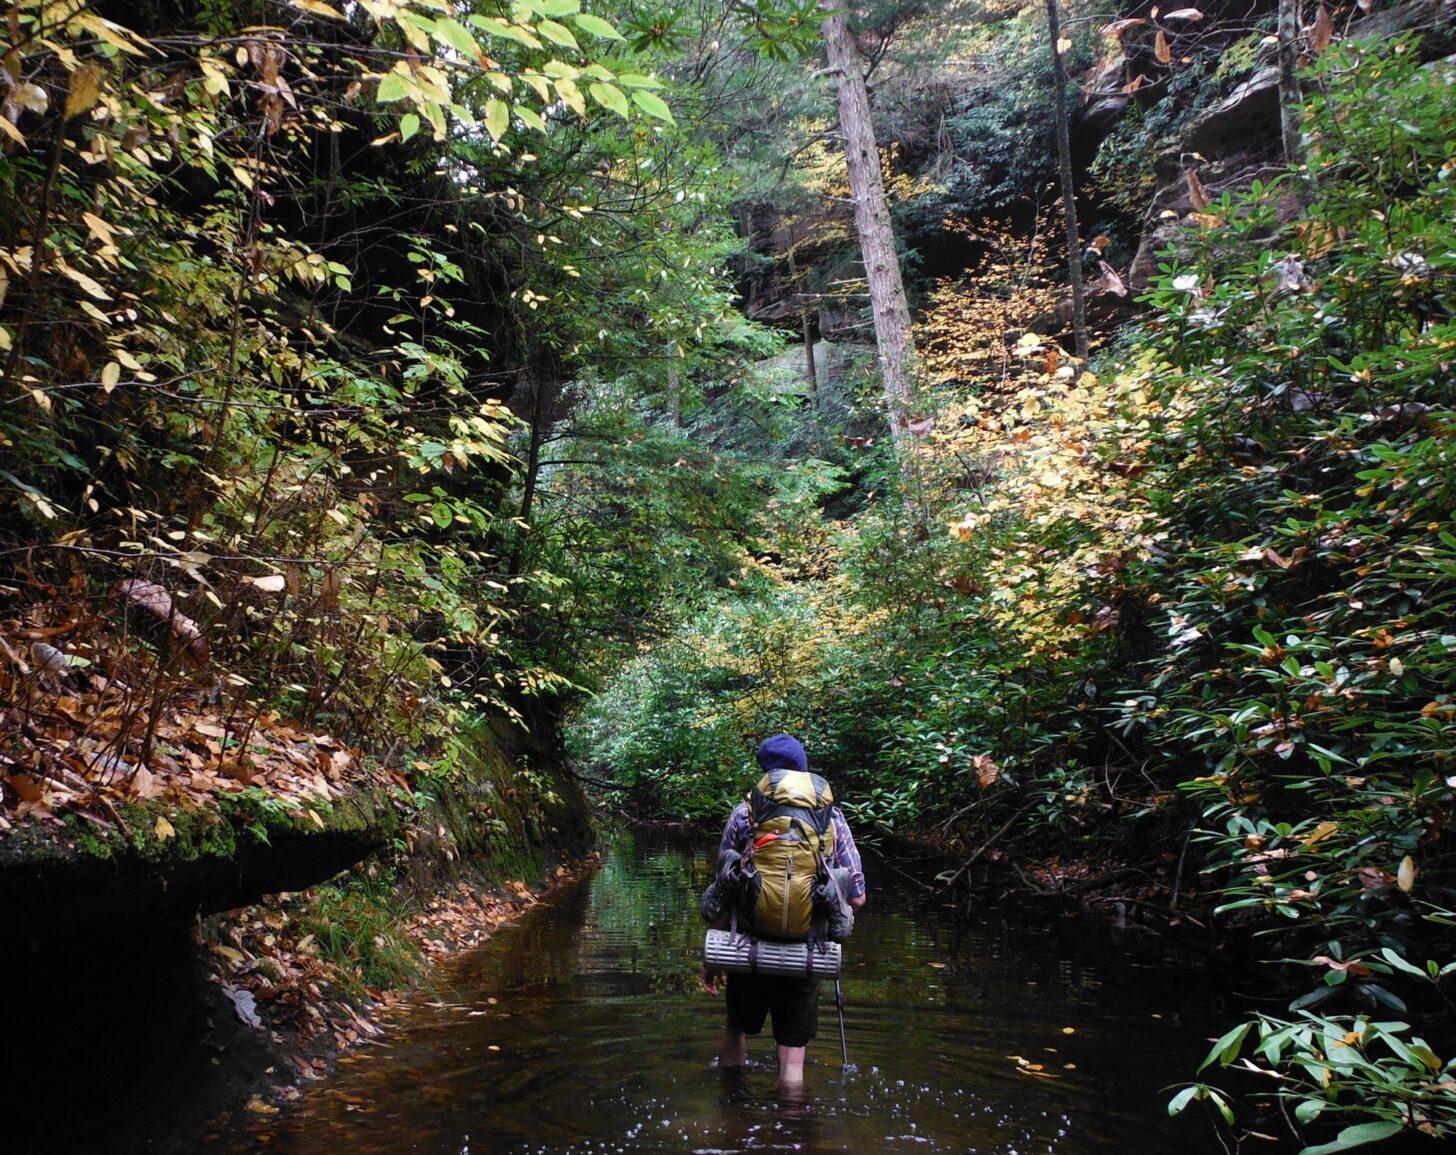 a man walks upstream in a shady river gorge